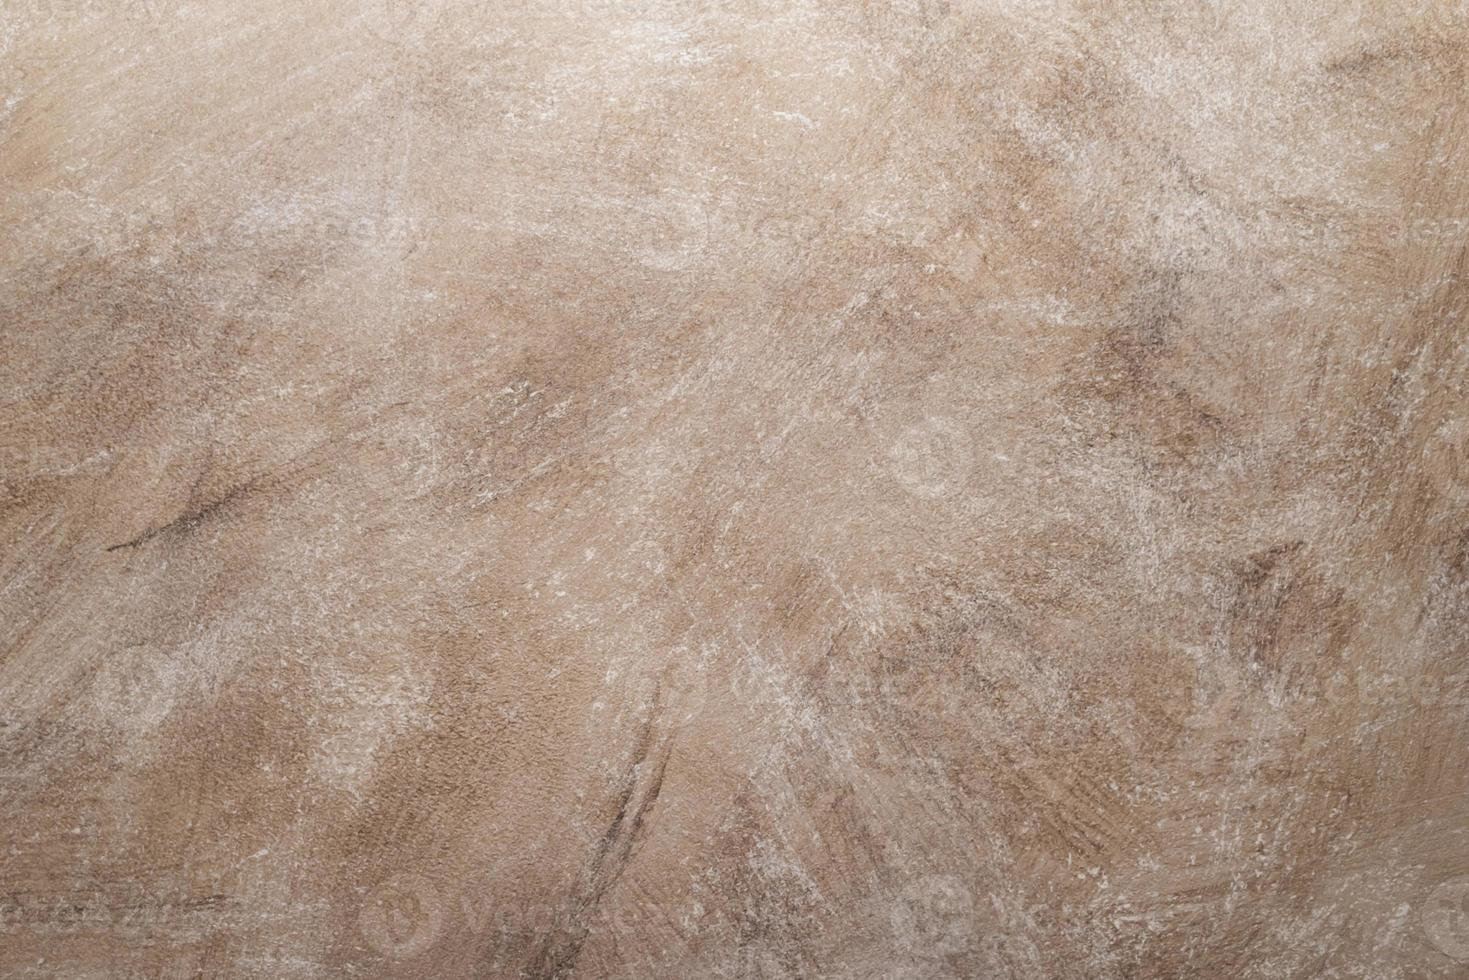 rock abstrakt neutral vägg bakgrund foto